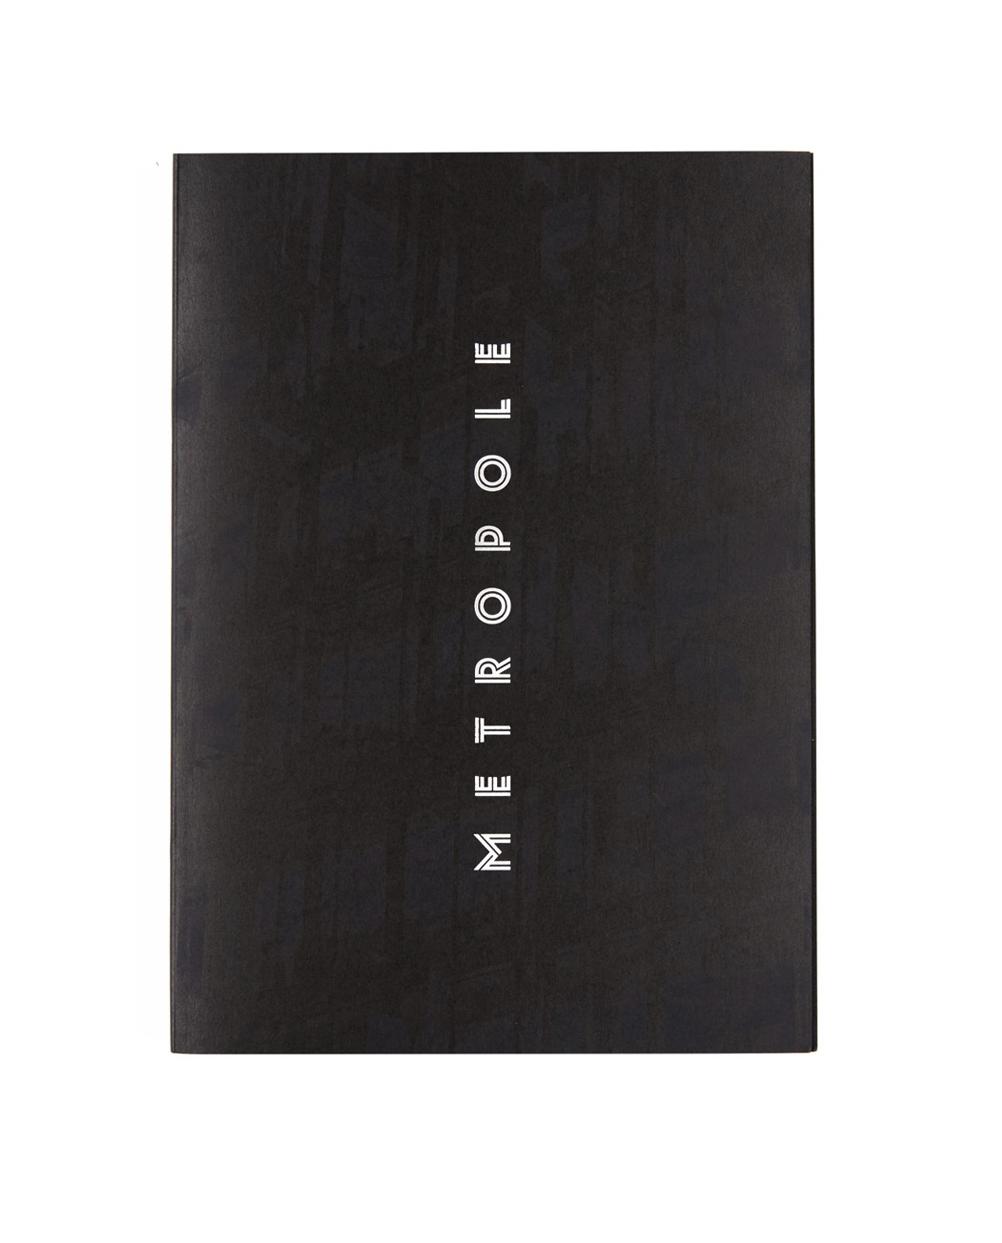 Metropole book